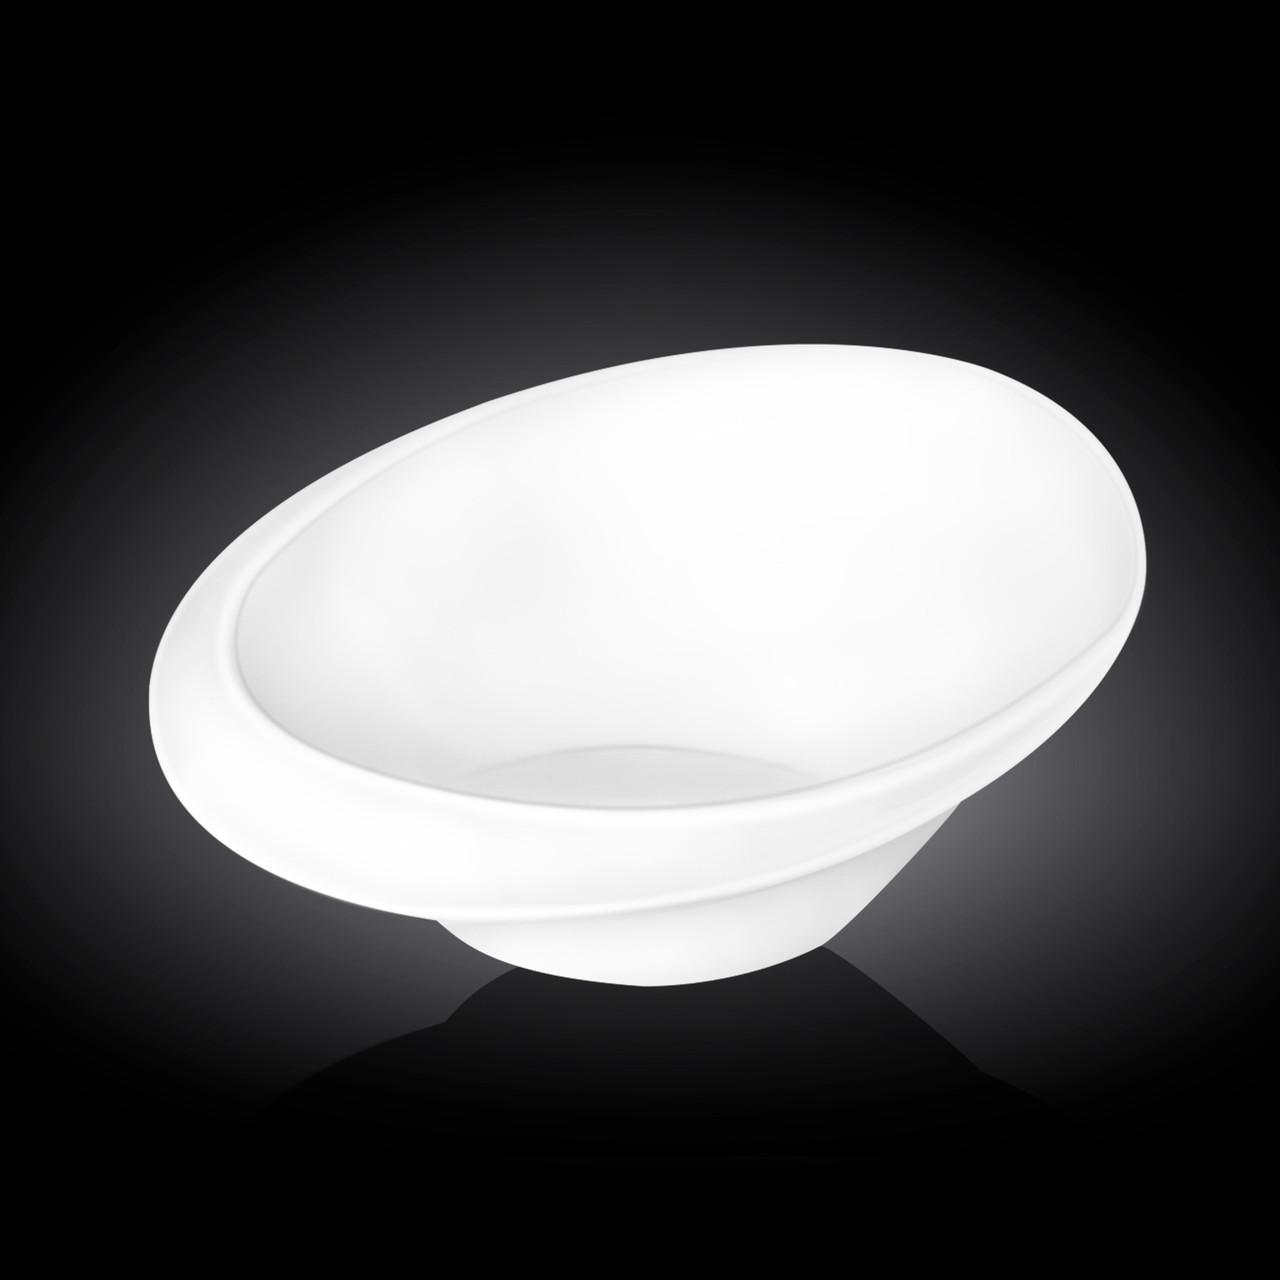 Білий порцеляновий салатник Wilmax 25см 970мл